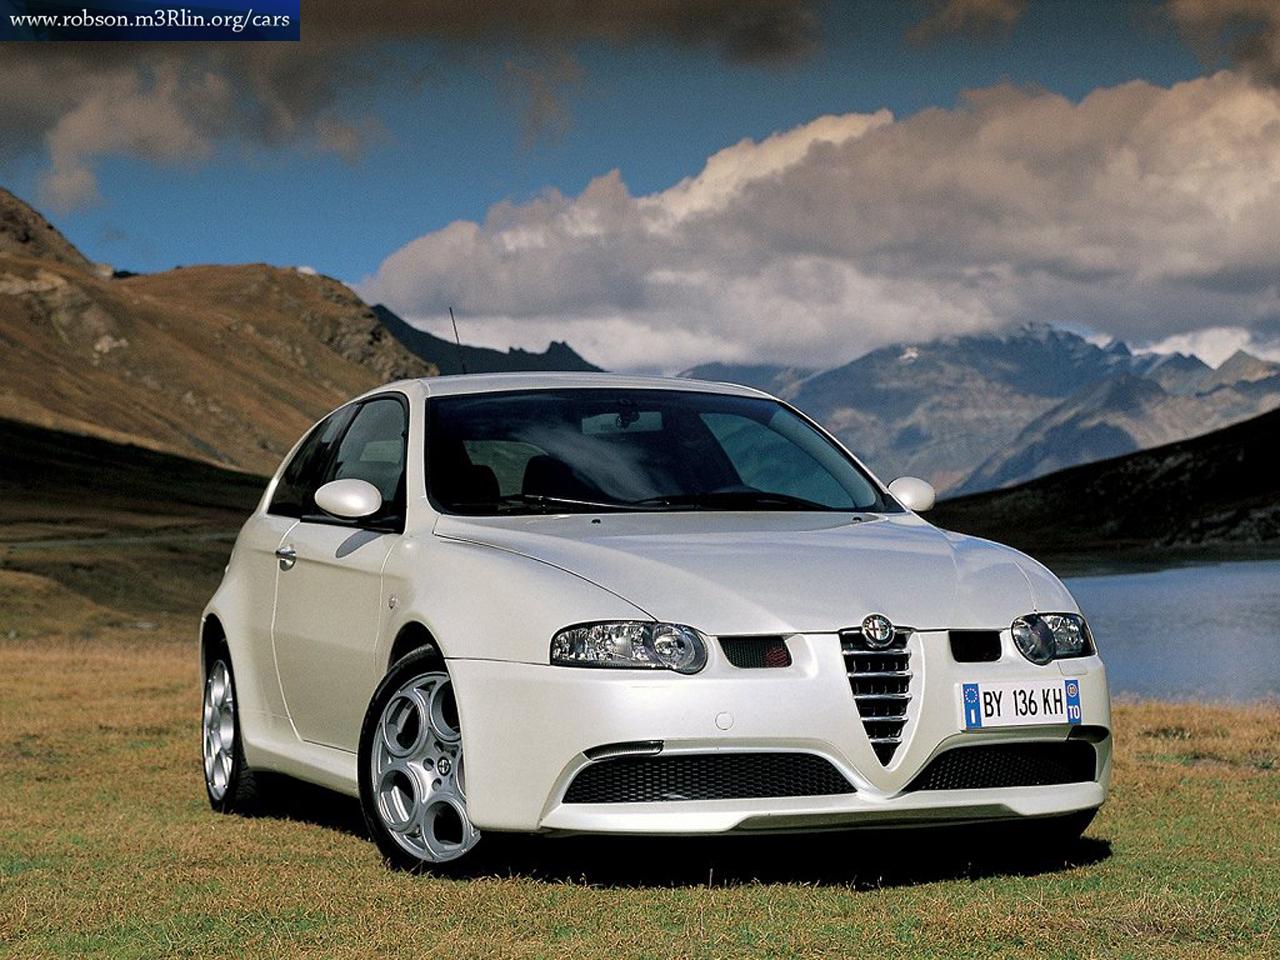 2004 ALFA ROMEO 147 GTA FUTURE CLASSIC 3.2 V6 AUTO * RARE ... |Old Alfa Romeo 147